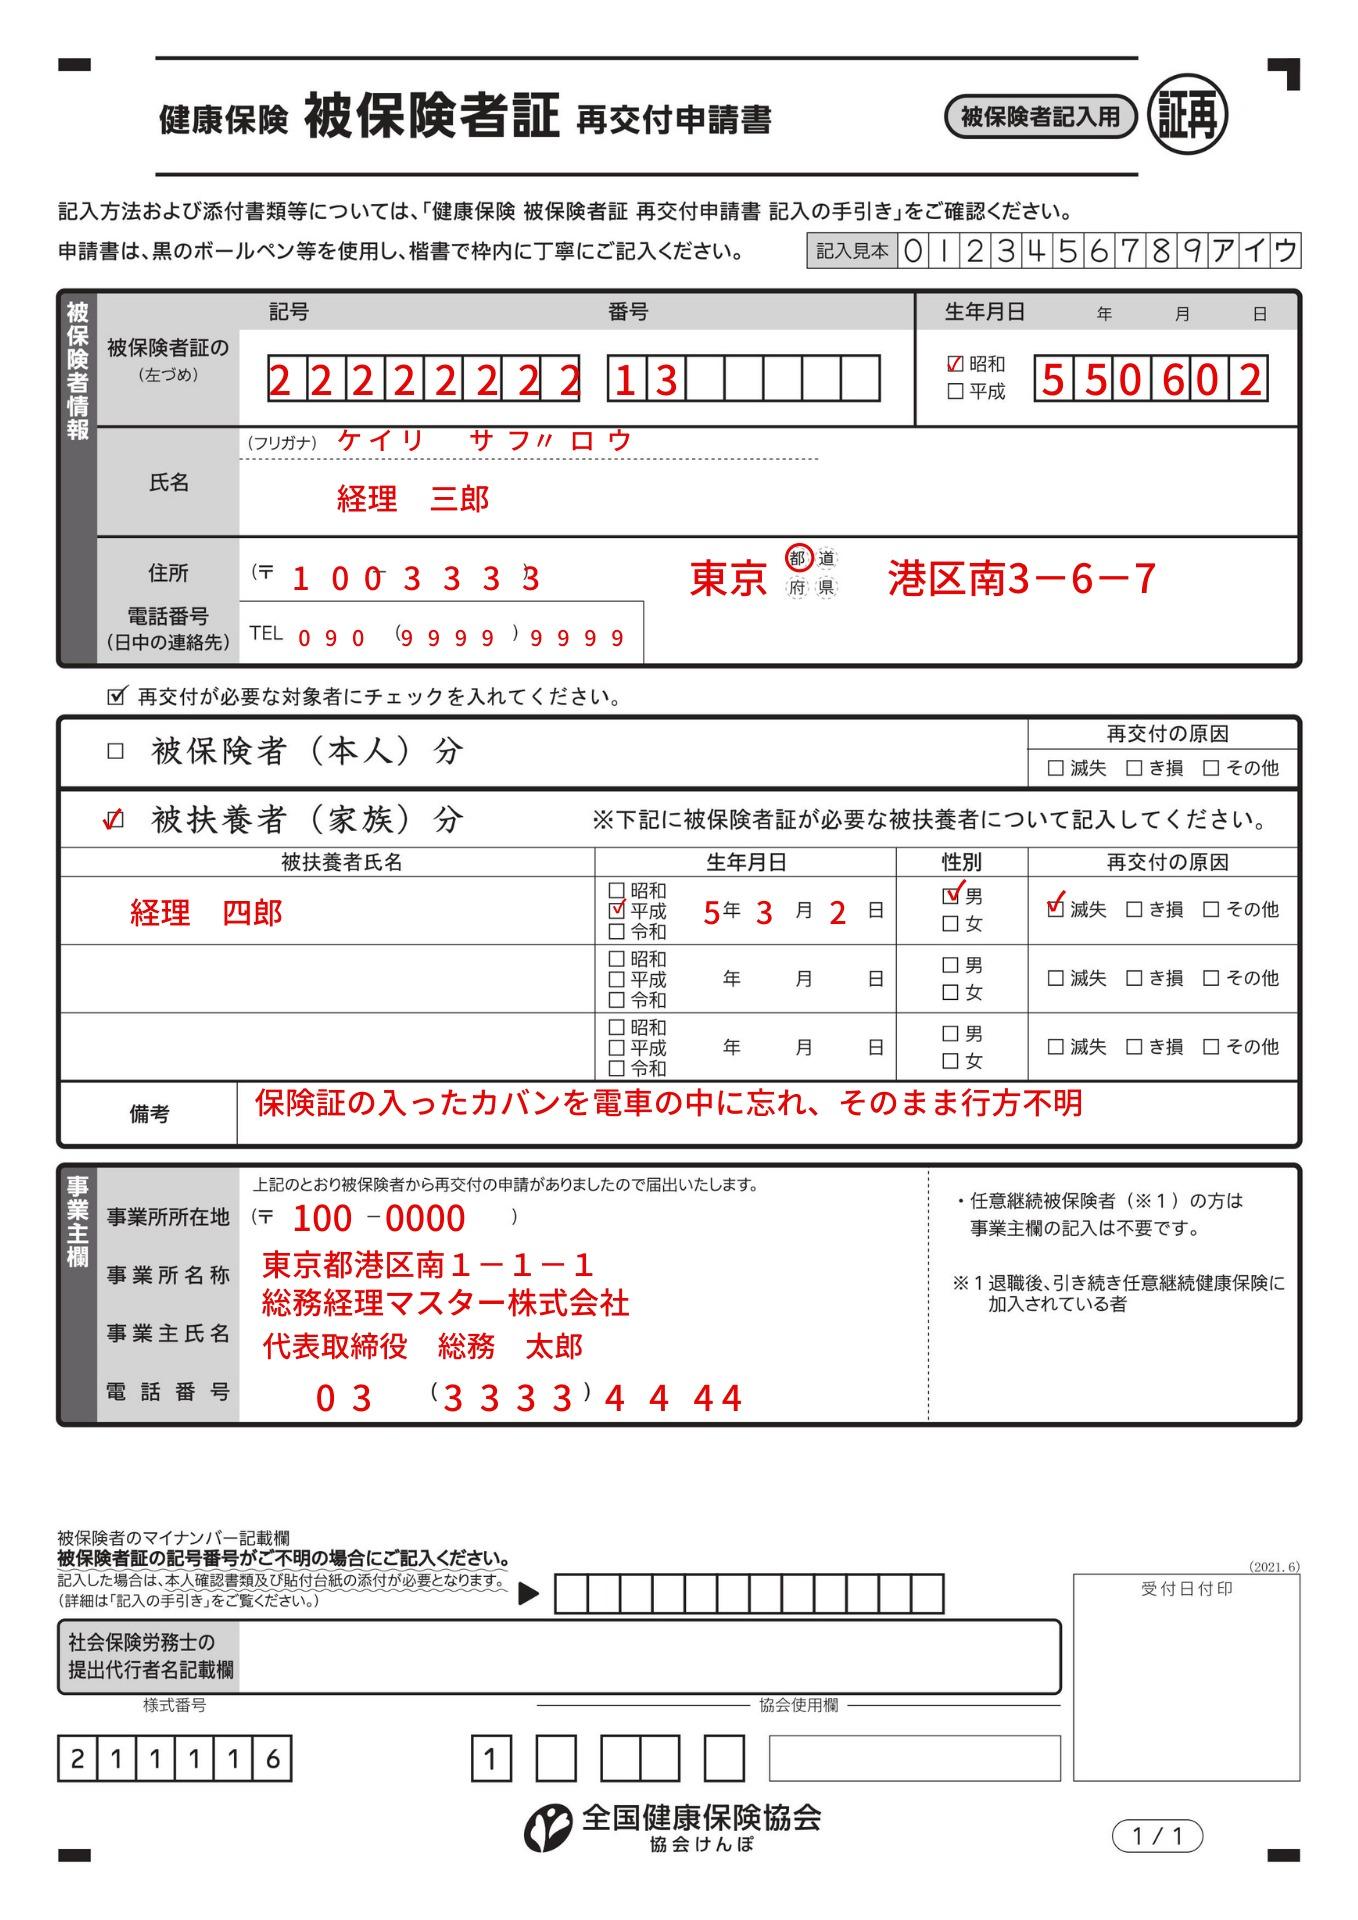 健康保険・被保険者証再交付申請書の書き方、記入例~保険証がなくなった際の処理~